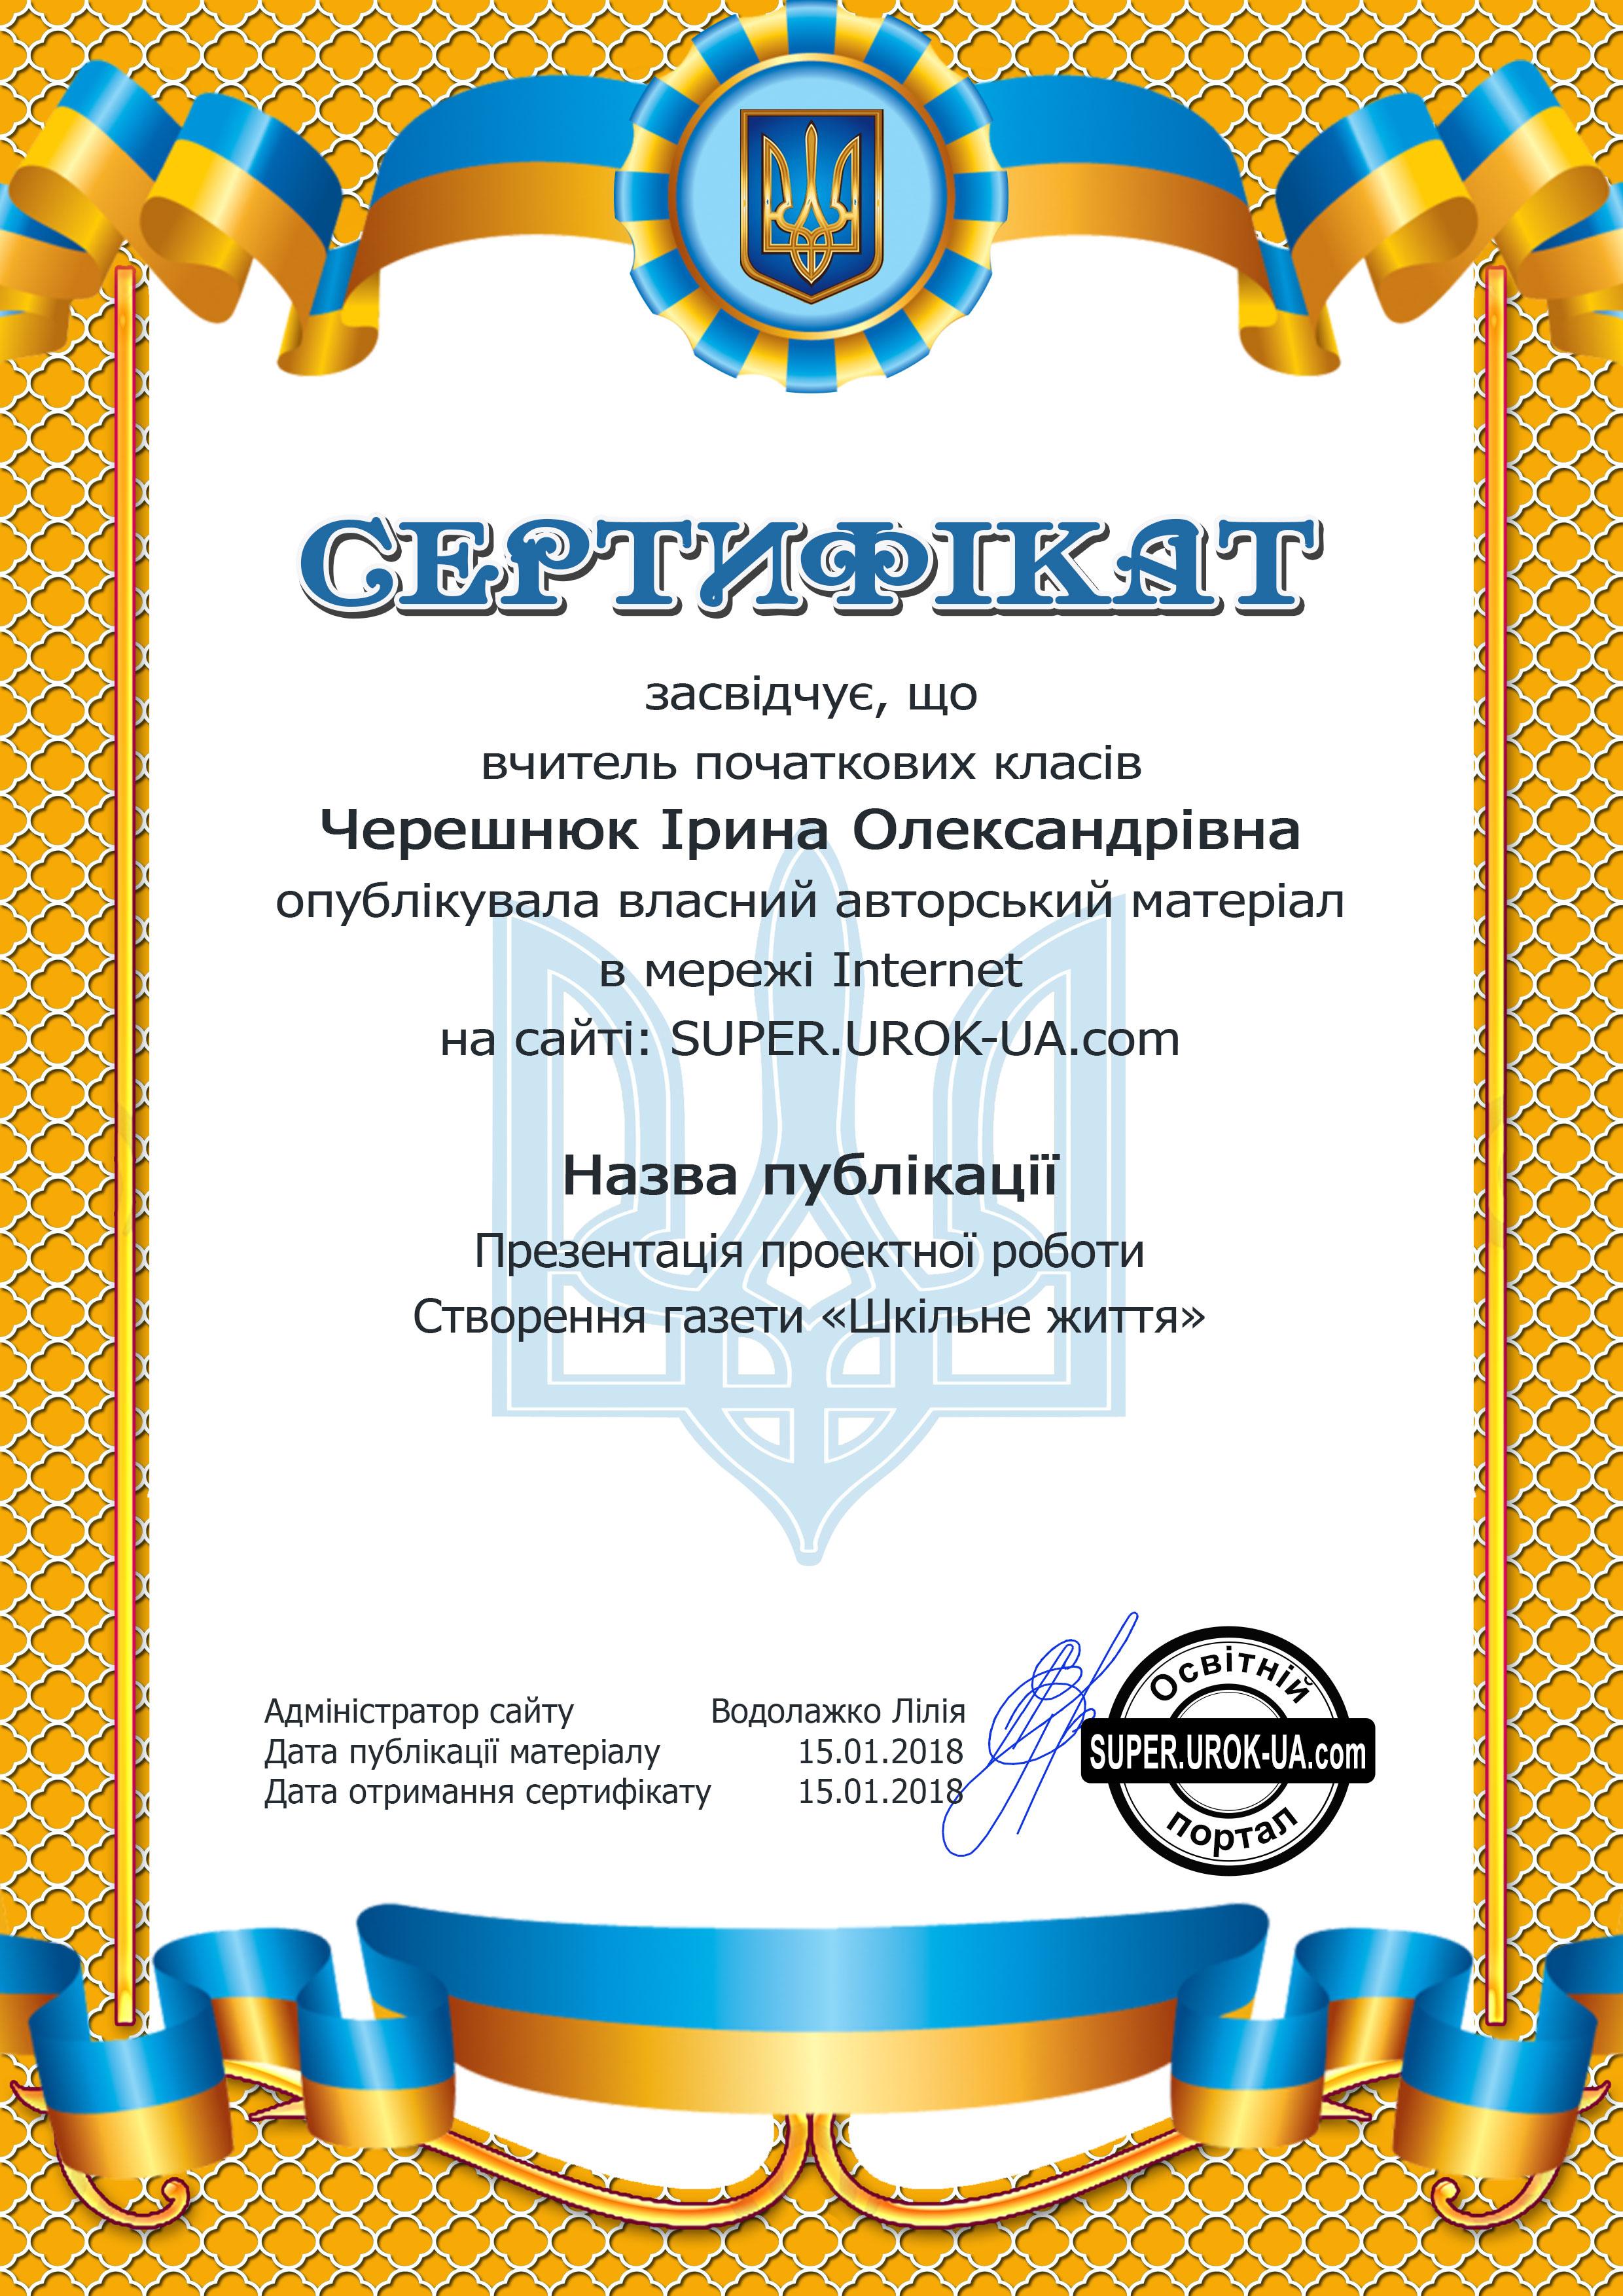 Сертифікат-350